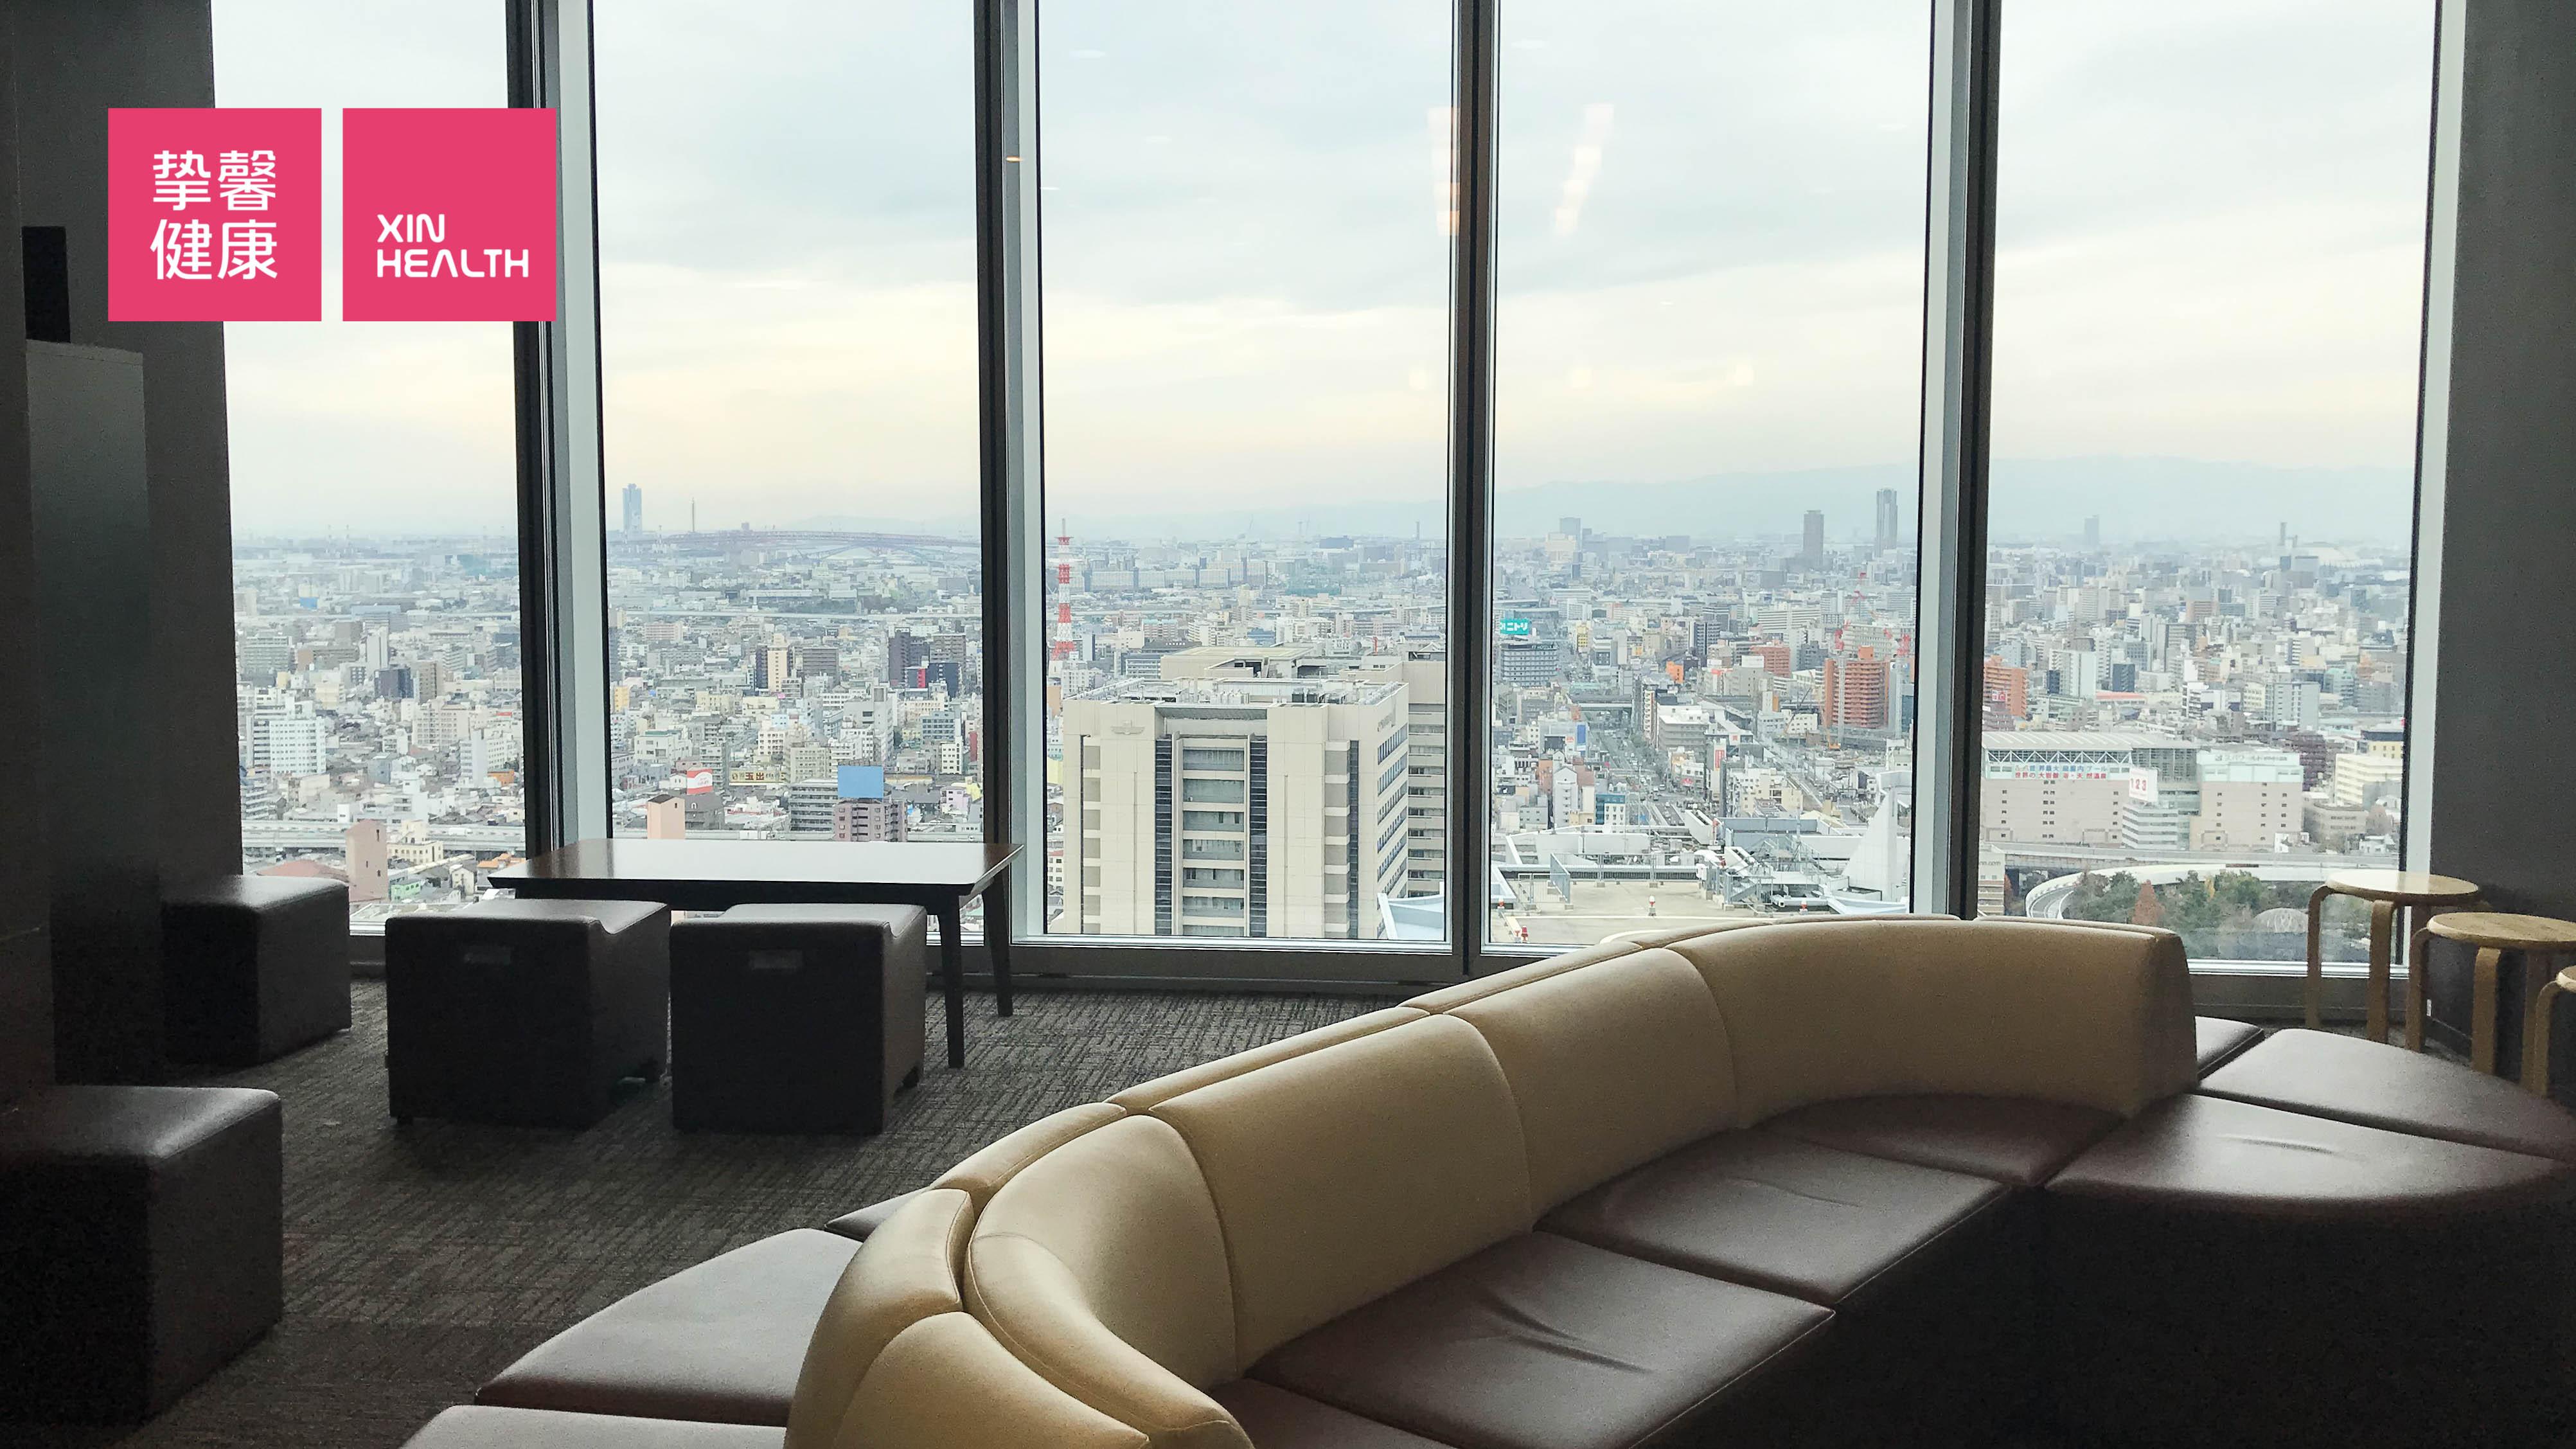 日本医院体检部门 用户休息区域